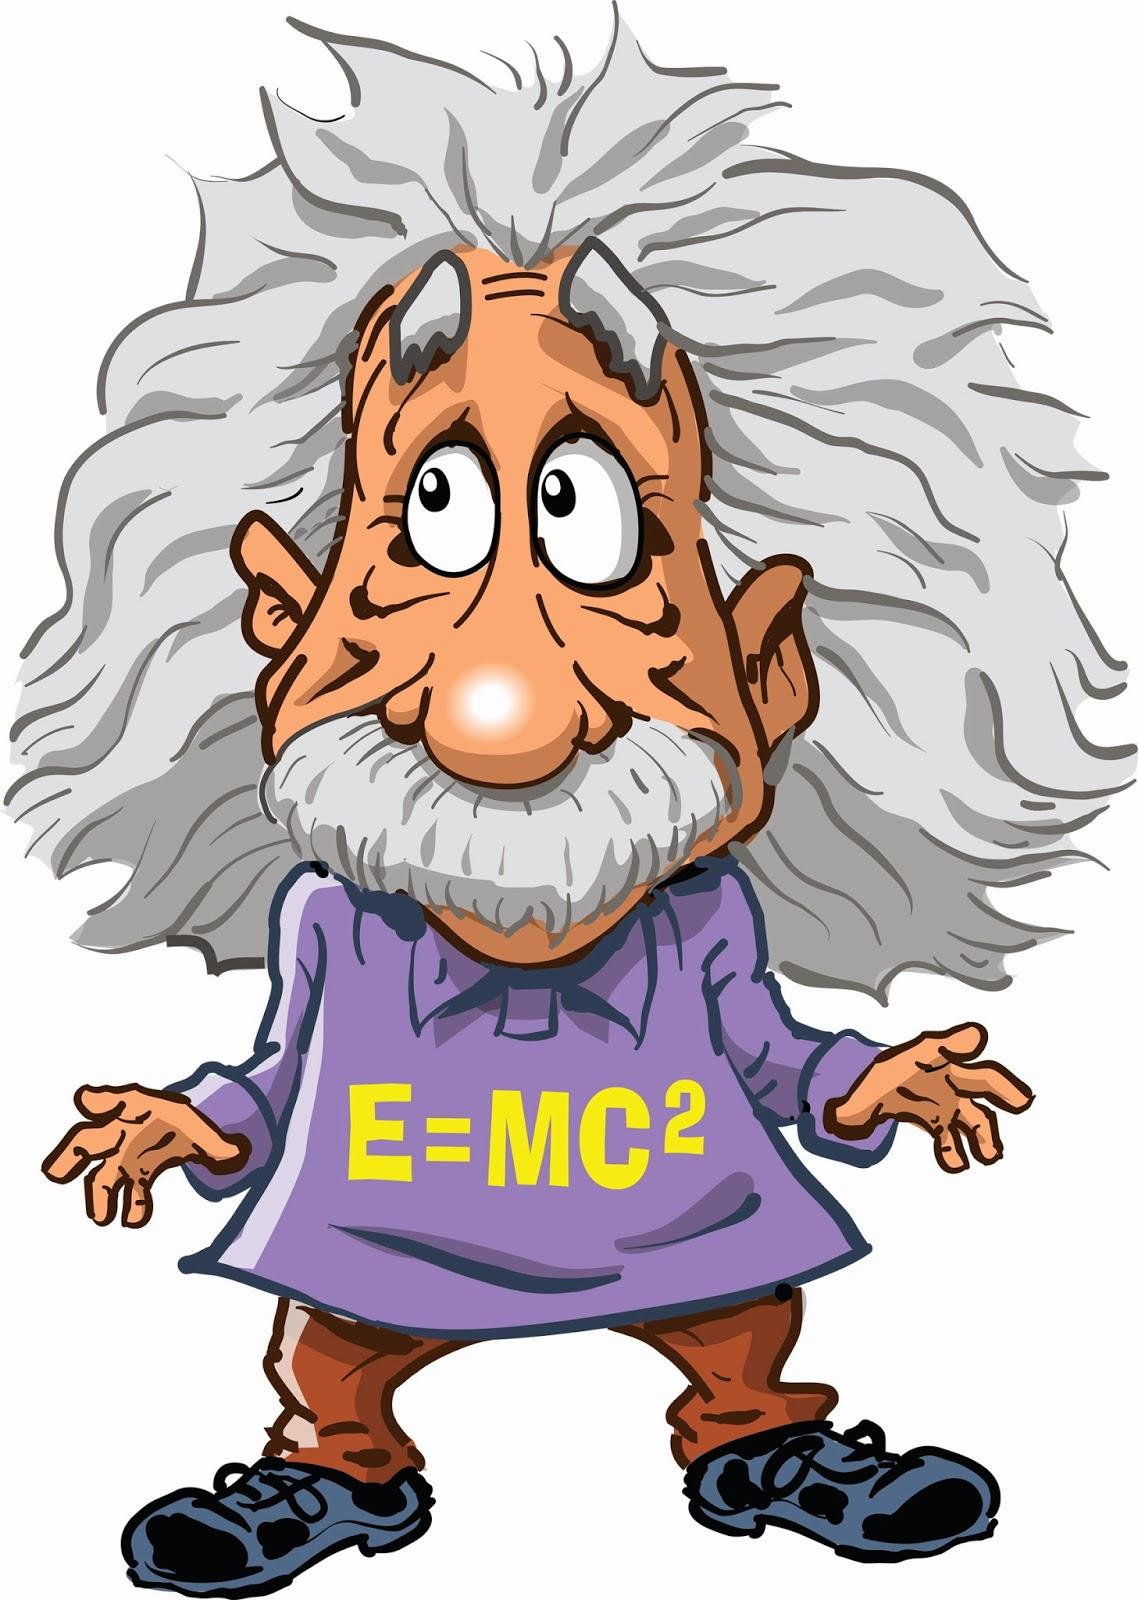 ... Albert Einstein Clipart - clipartall-... Albert Einstein Clipart - clipartall ...-6